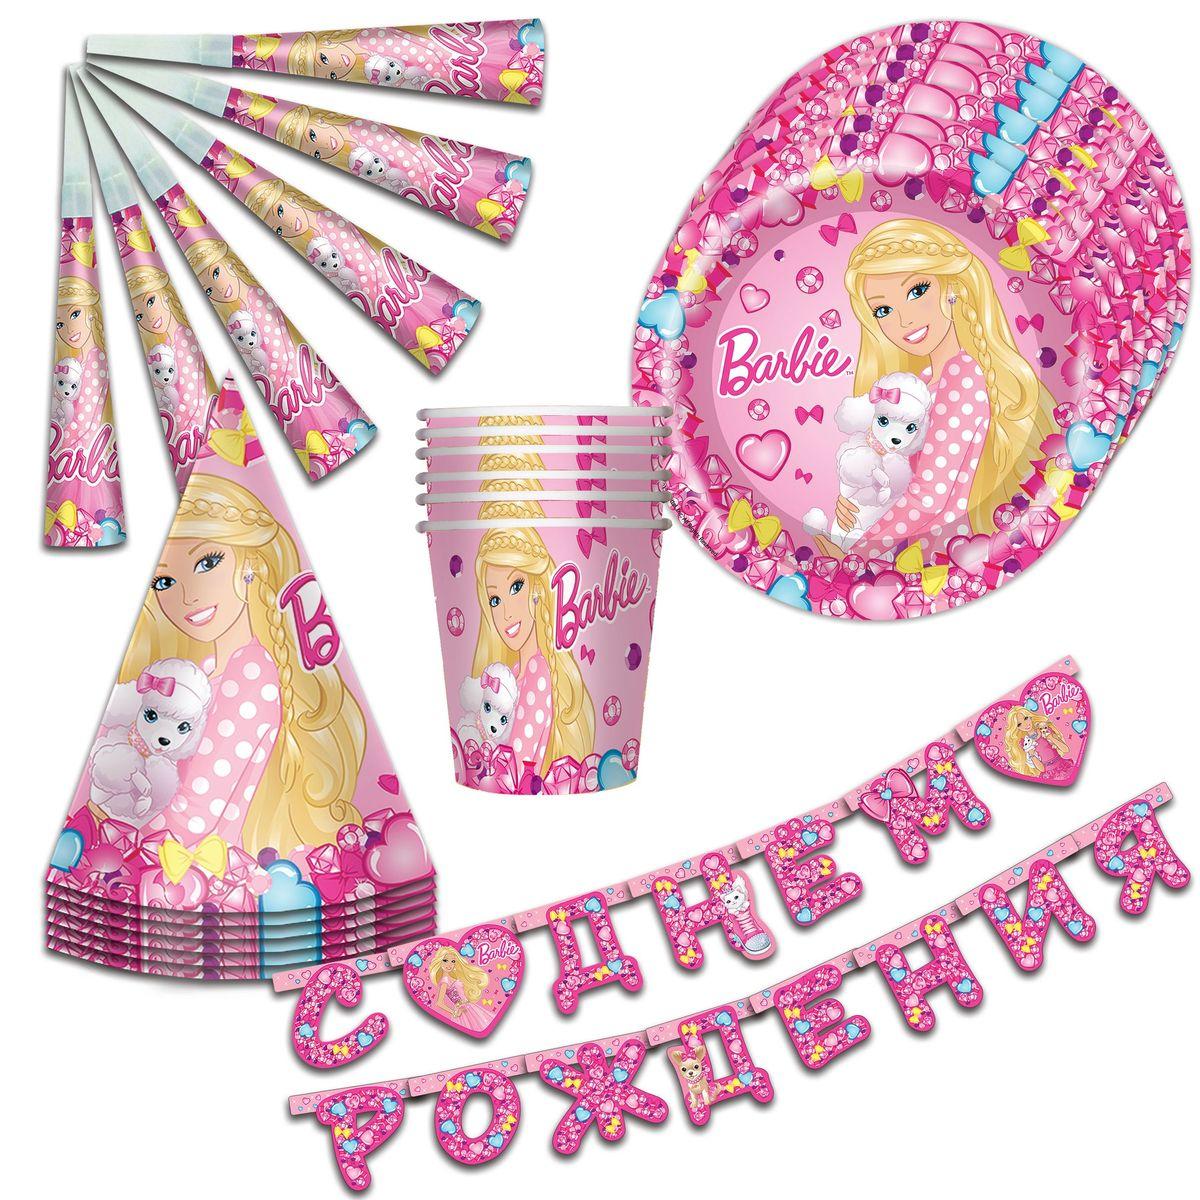 Barbie Набор бумажной посуды Барби30307С необыкновенно красивым набором Барби День Рождения юной принцессы станет по-настоящему незабываемым! Красочный дизайн с красавицей Барби и ее очаровательной собачкой поднимет настроение и детям, и даже взрослым. Гирлянда преобразит помещение, колпачки и дудочки помогут организовать множество увлекательных игр. А красивая посуда ярко украсит стол и принесет практическую пользу: бумажные одноразовые тарелки и стаканы прекрасно удерживают еду и напитки, почти невесомы, не могут разбиться, их не надо мыть. В наборе 25 предметов на 6 персон: 6 тарелок диаметром 23 см, 6 стаканов объемом 210 мл, 6 бумажных колпачков на резинках, 6 бумажных дудочек, 1 бумажная гирлянда с надписью С Днем Рождения длиной 2,5 м (высота флажков: 15 см). Вы также можете выбрать другие товары из данной серии: стаканы, тарелки, салфетки, язычки, колпаки, маски, приглашение в конверте, скатерть, маски, пакеты и др.